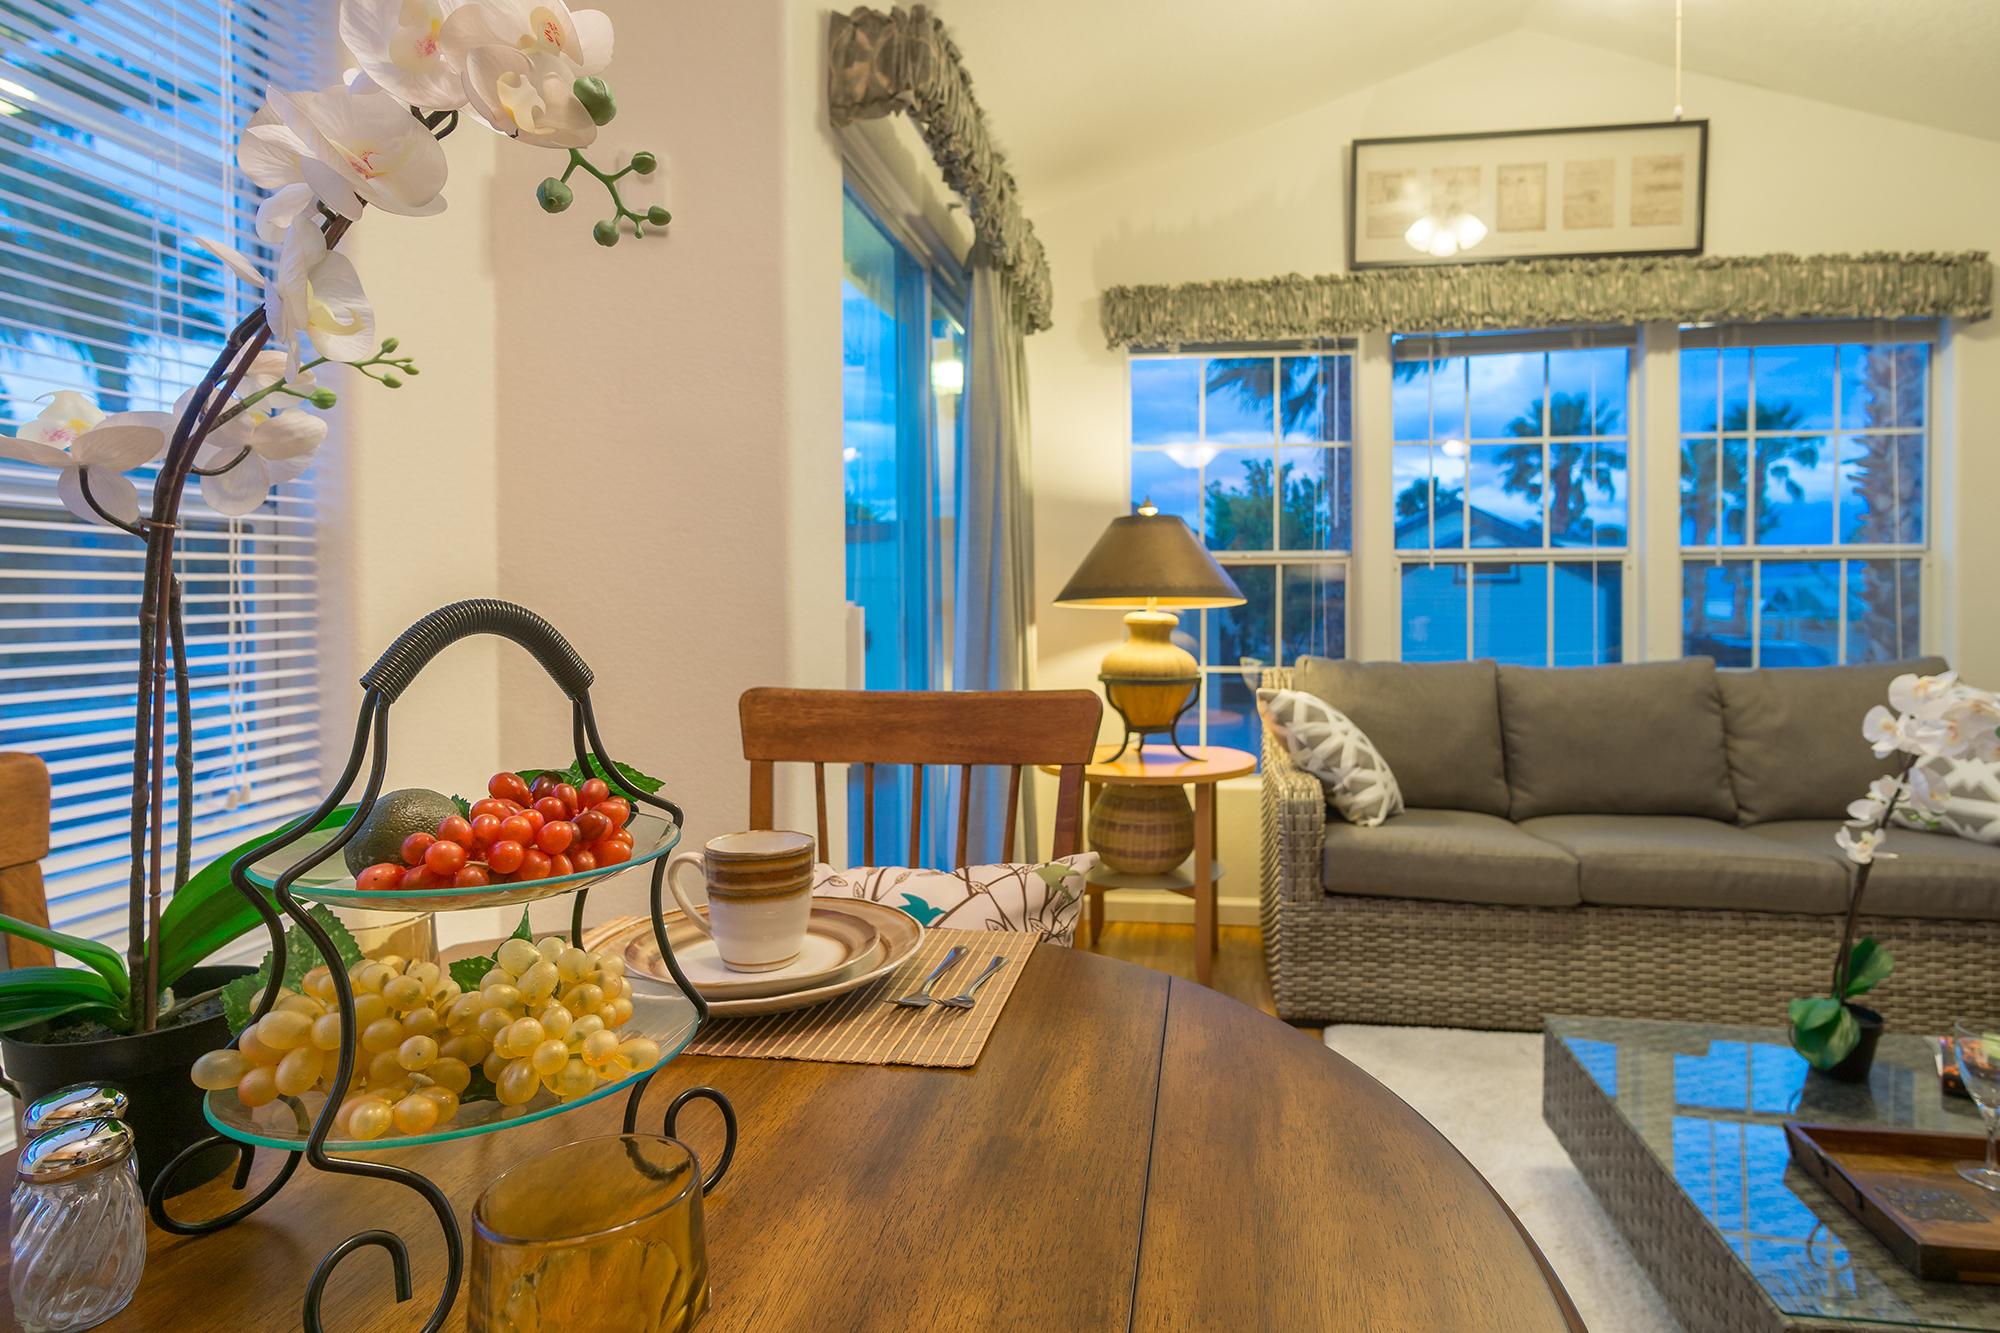 tiny-home-interior-living-room.jpg